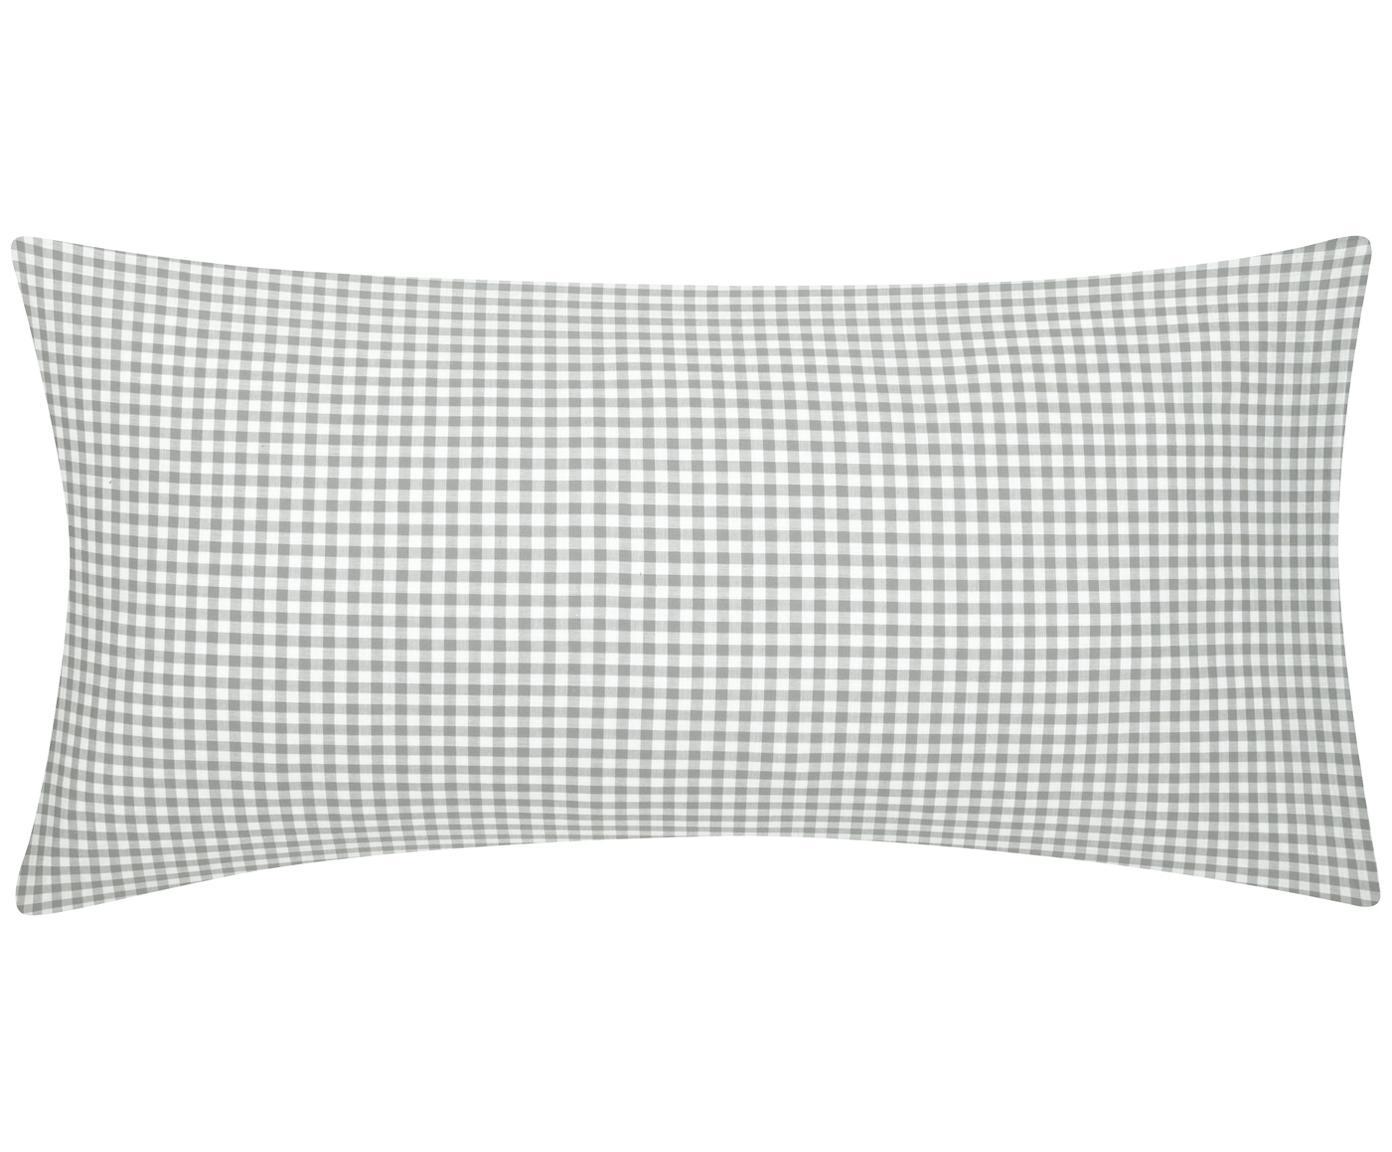 Karierte Baumwoll-Kissenbezüge Scotty in Grau/Weiß, 2 Stück, 100% Baumwolle  Fadendichte 118 TC, Standard Qualität  Bettwäsche aus Baumwolle fühlt sich auf der Haut angenehm weich an, nimmt Feuchtigkeit gut auf und eignet sich für Allergiker, Hellgrau/Weiß, 40 x 80 cm